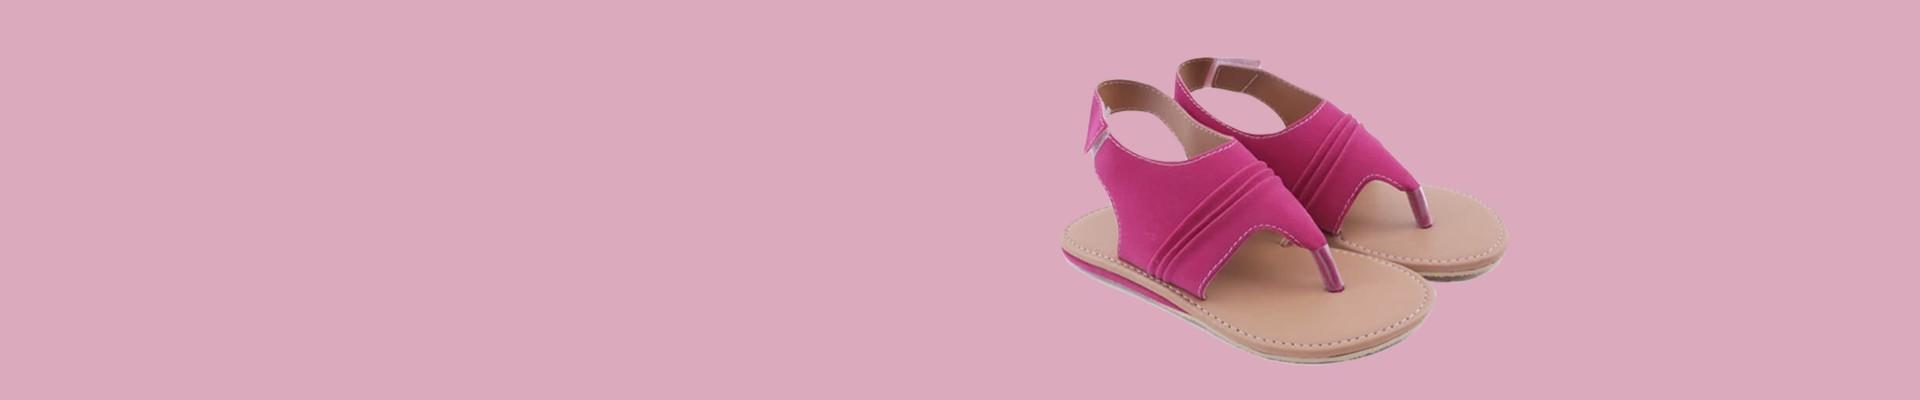 Jual Sandal Anak Perempuan Model Terbaru Online